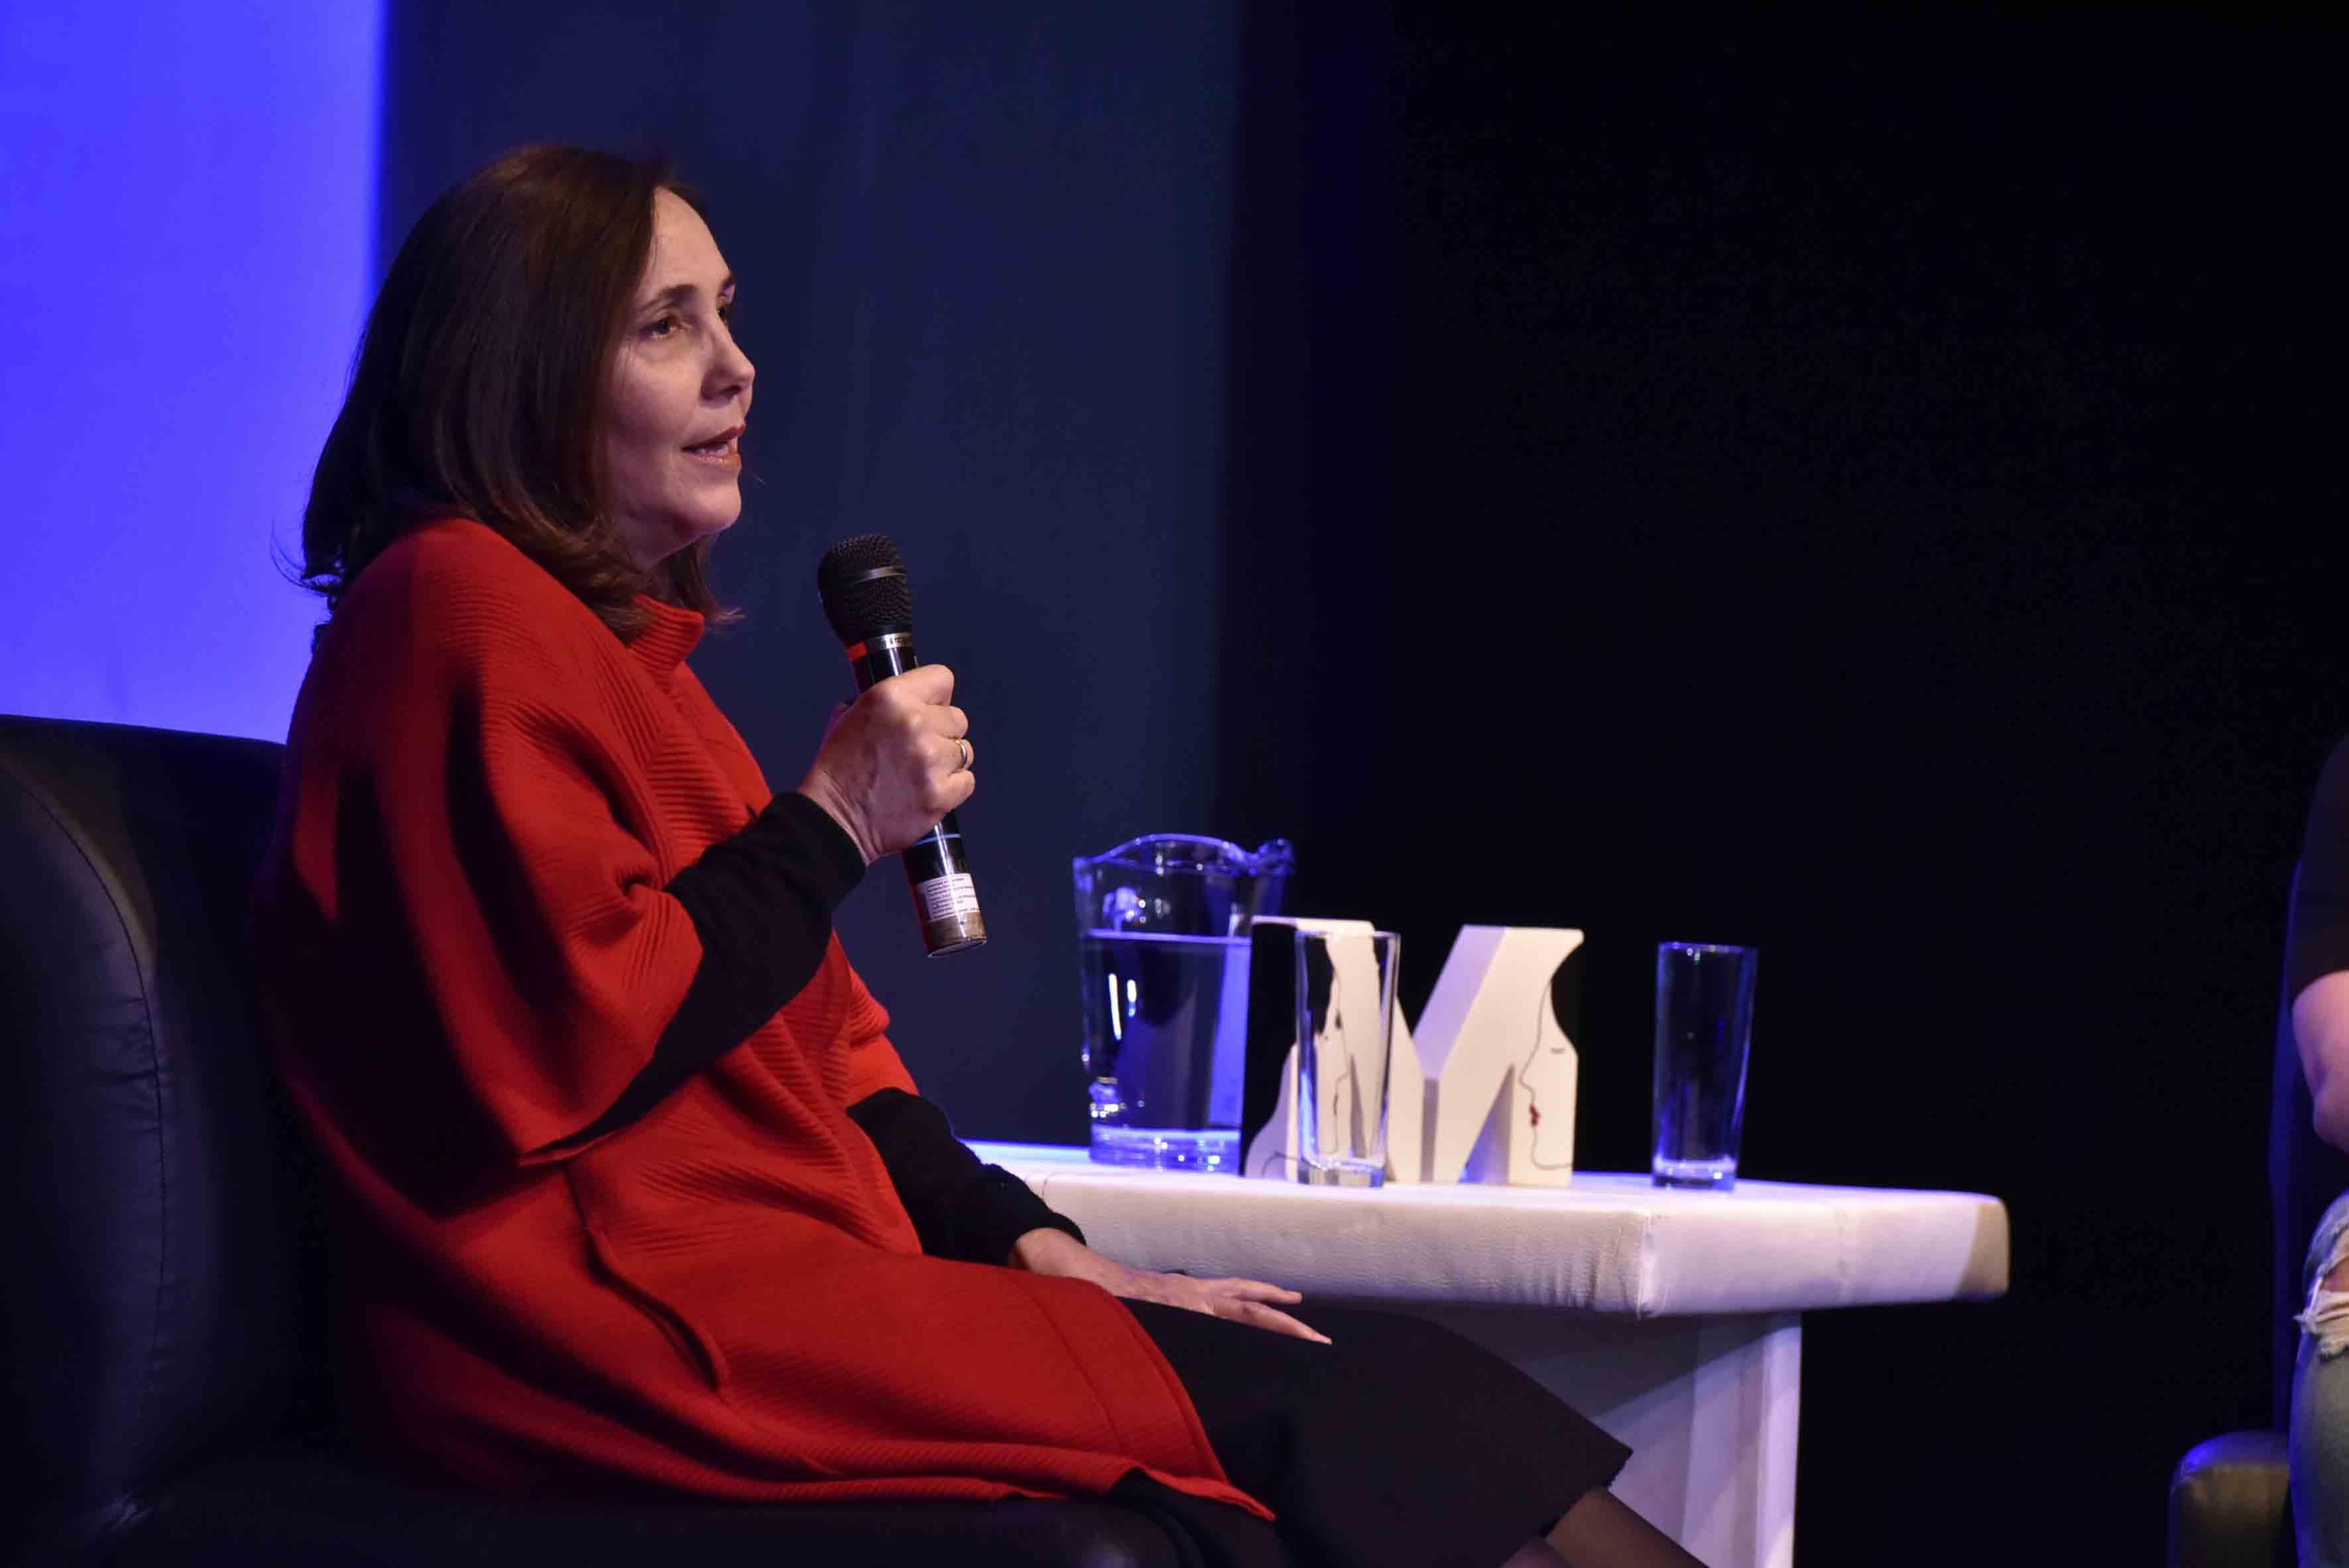 Mariela Castro Espín, cubana política y sexóloga, impartiendo conferencia, en el marco del Festival Internacional del Cine en Guadalajara, en su edición número 32.